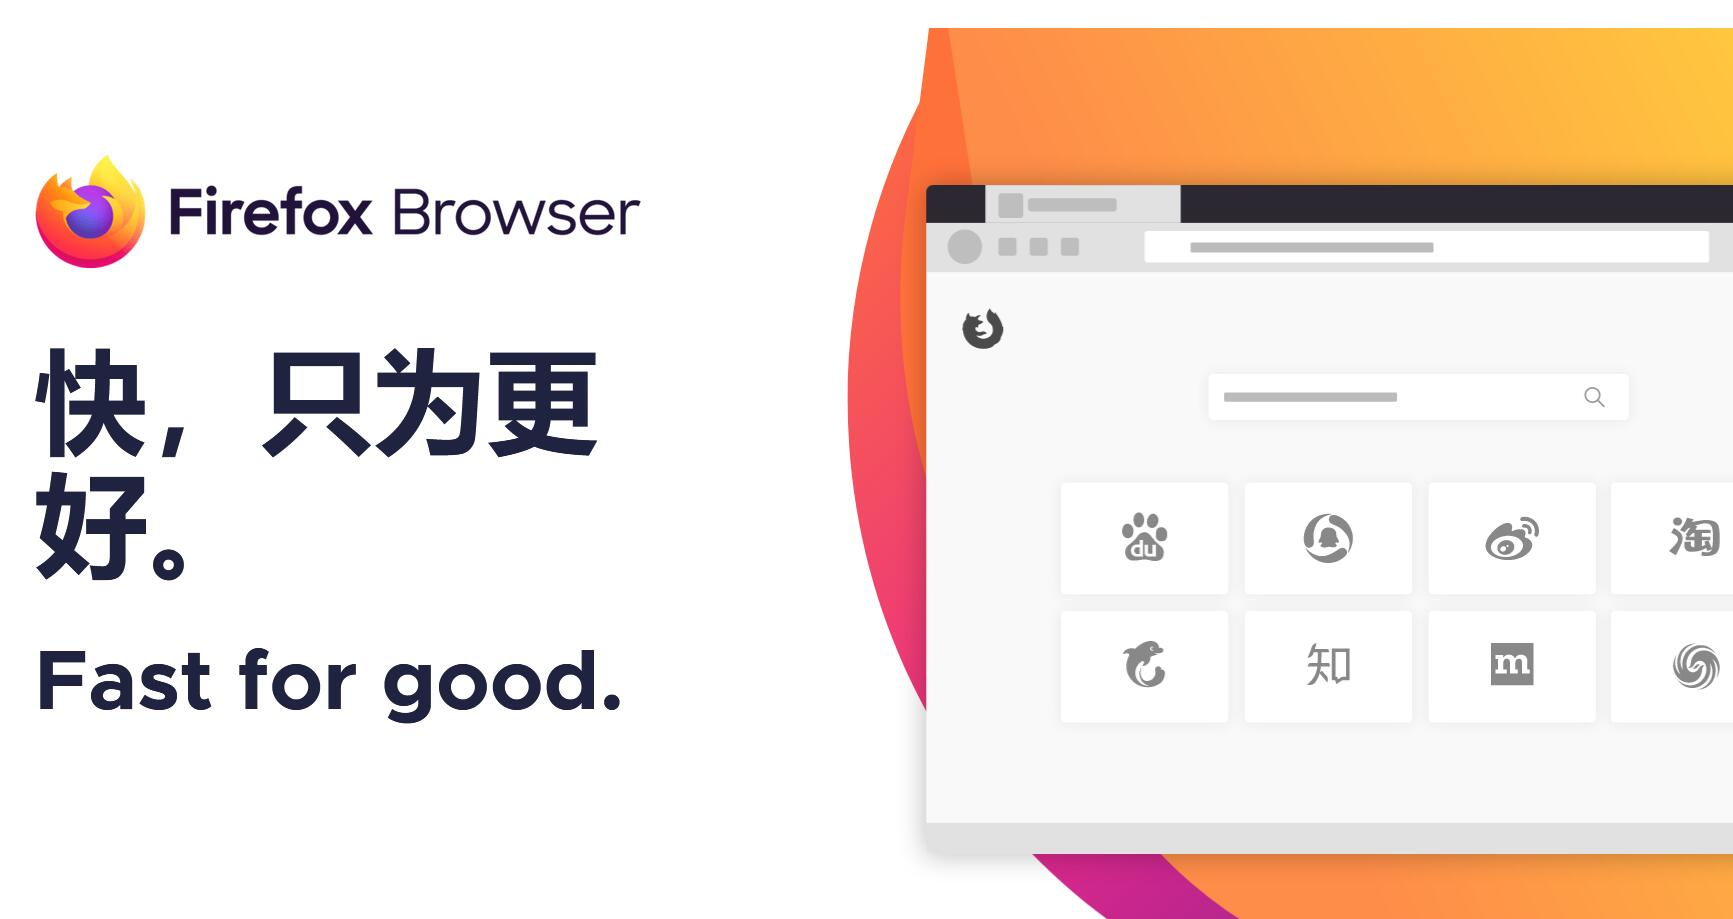 Firefox火狐浏览器安装附件组件、扩展、插件详细图文教程